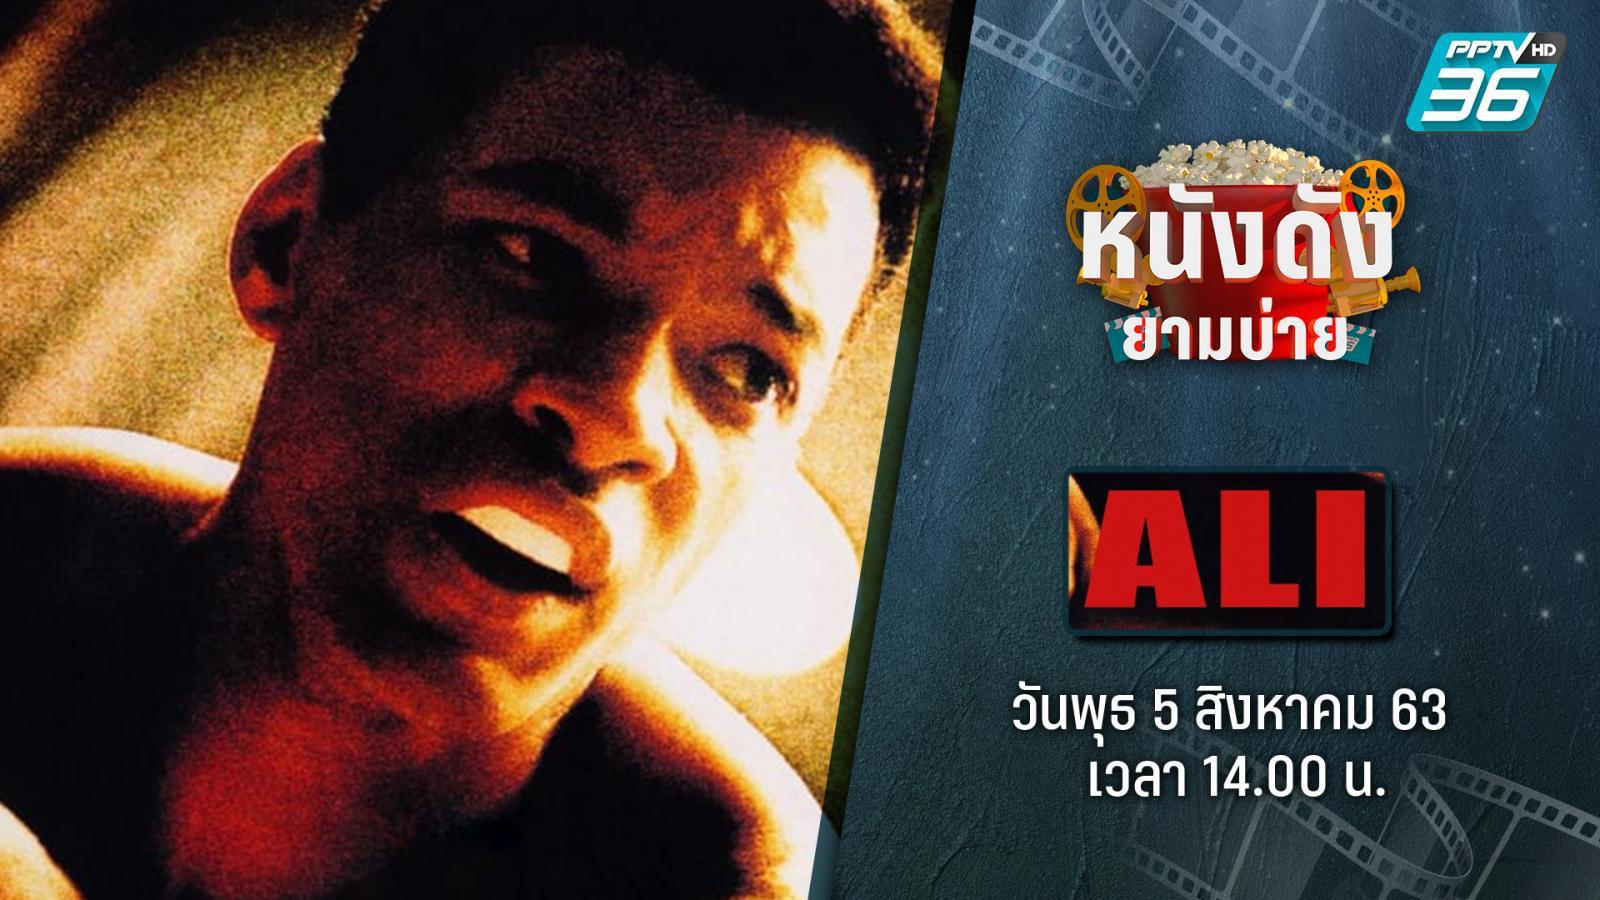 Ali กำปั้นท้าชนโลก